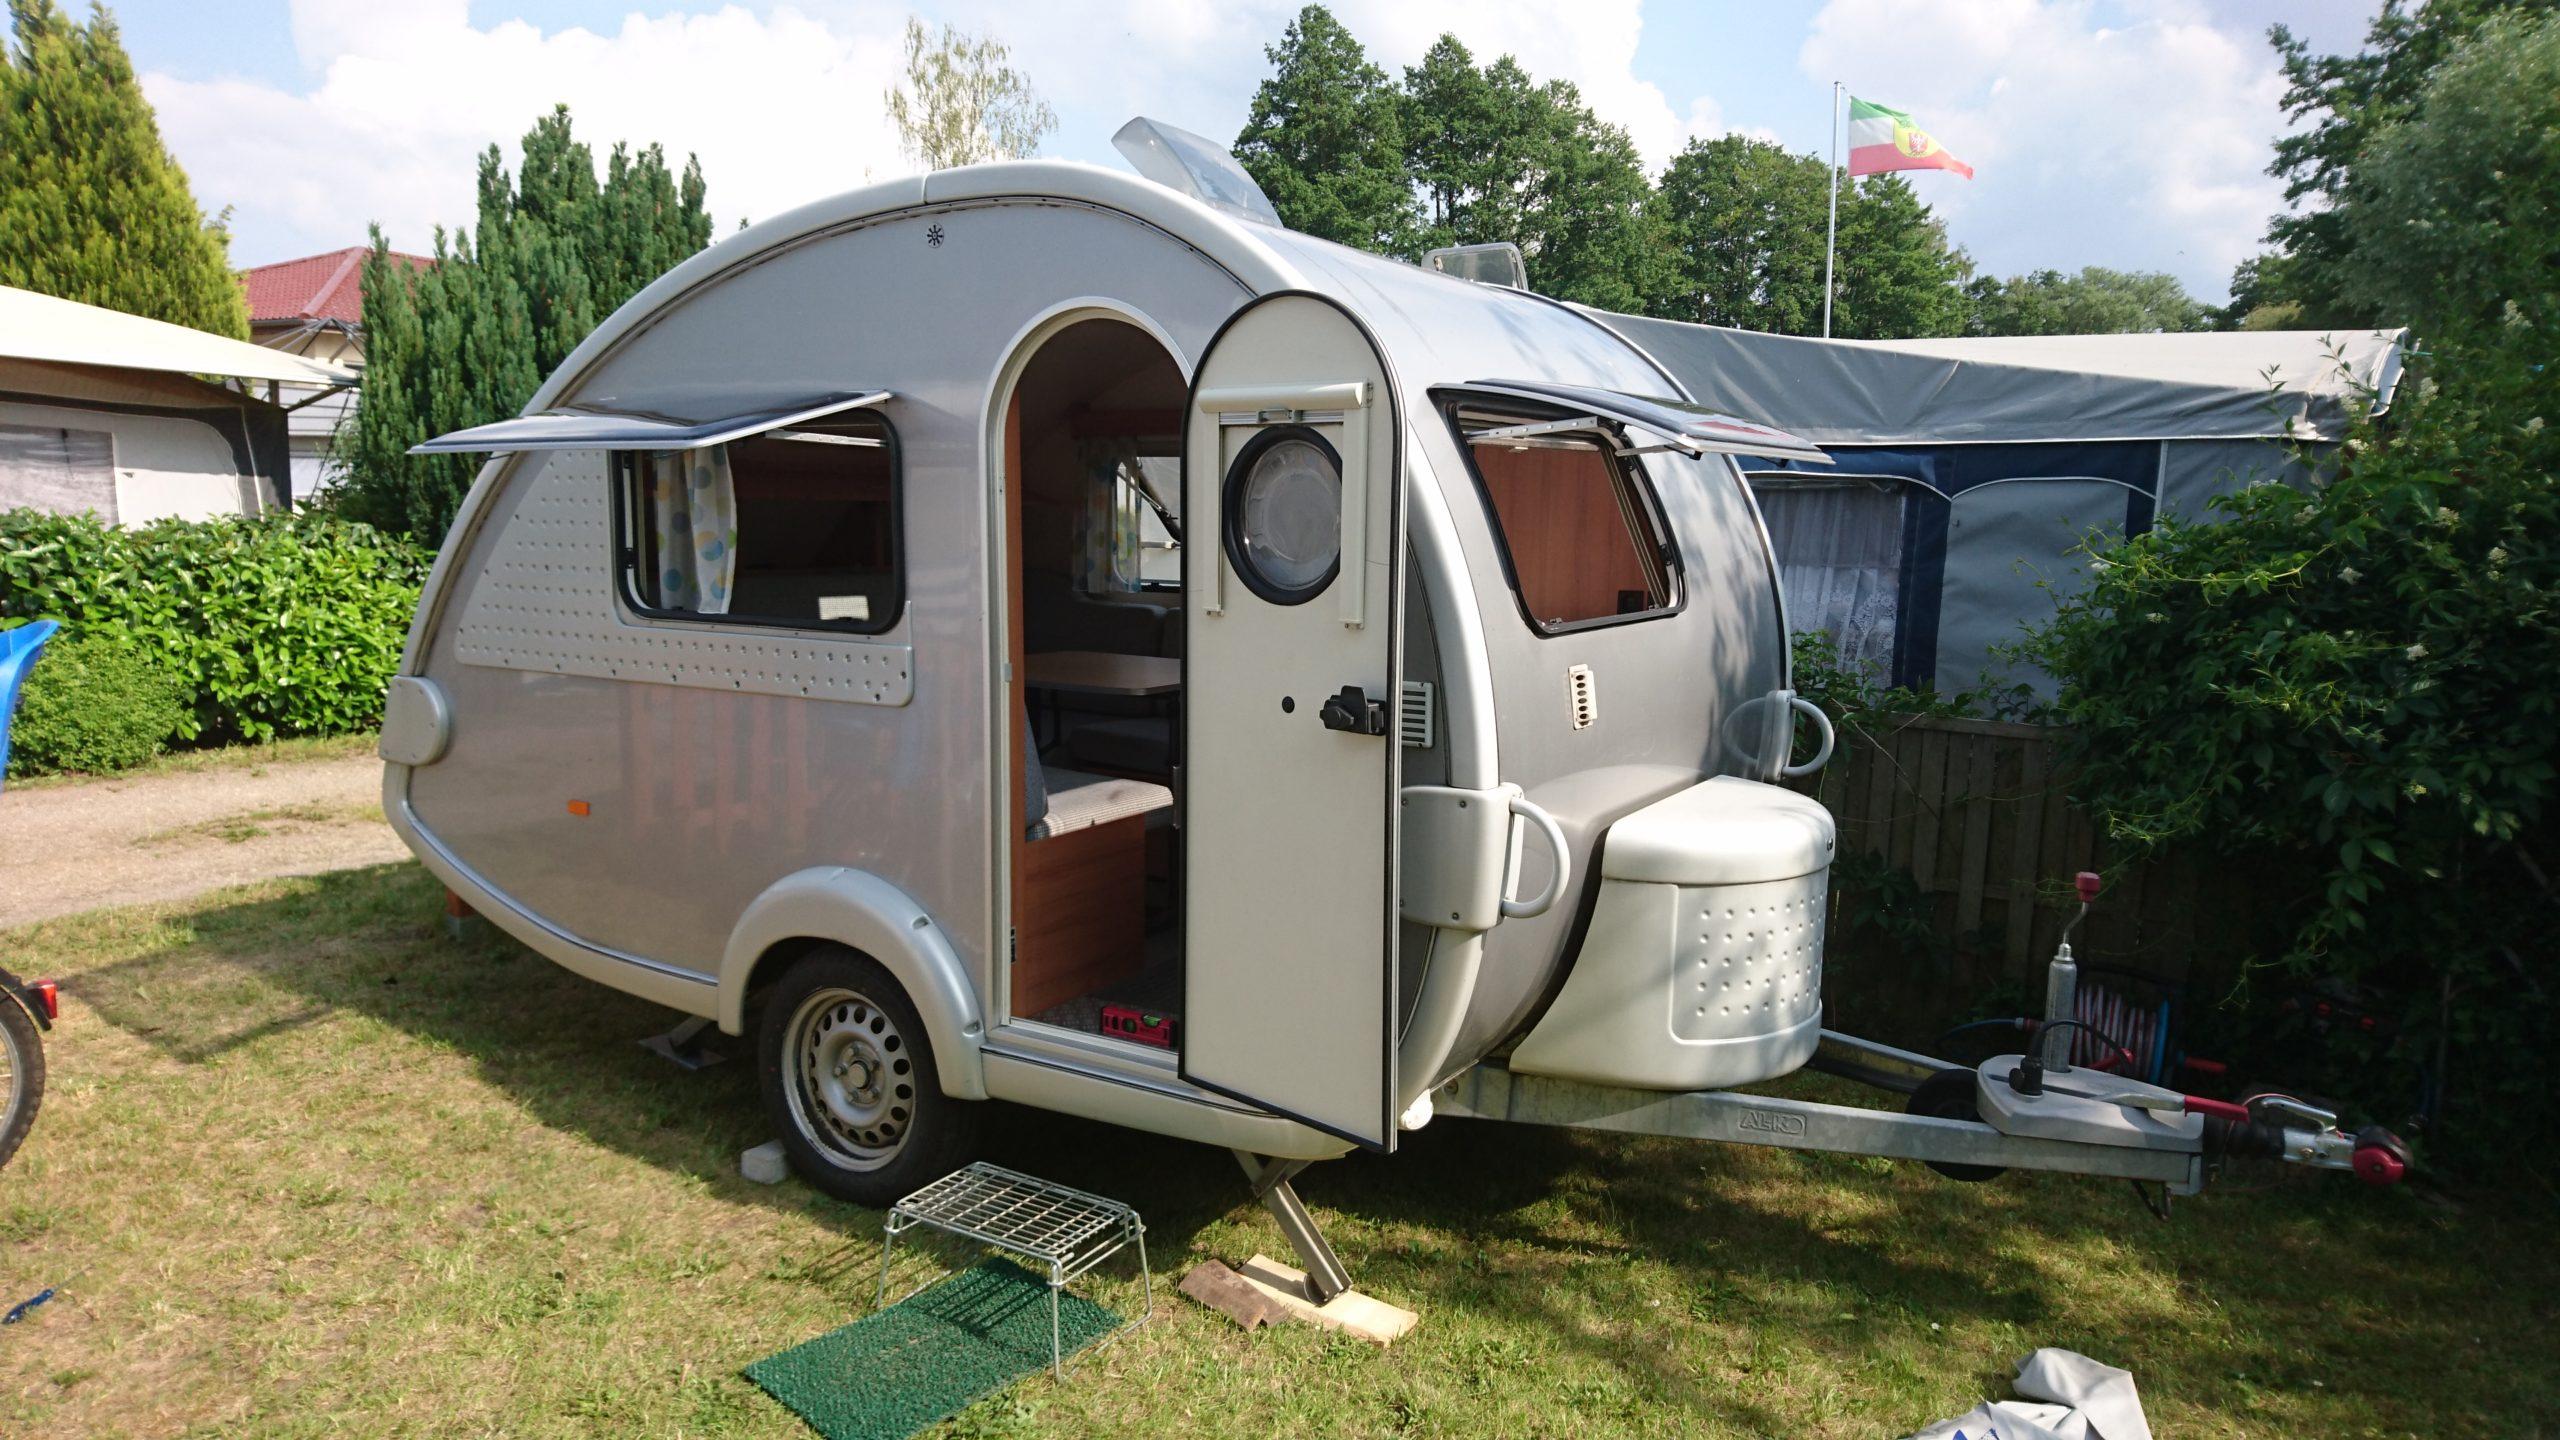 Der Wohnwagen hat alles an Board was ihr zum Camping benötigt. Foto: PaulCamper